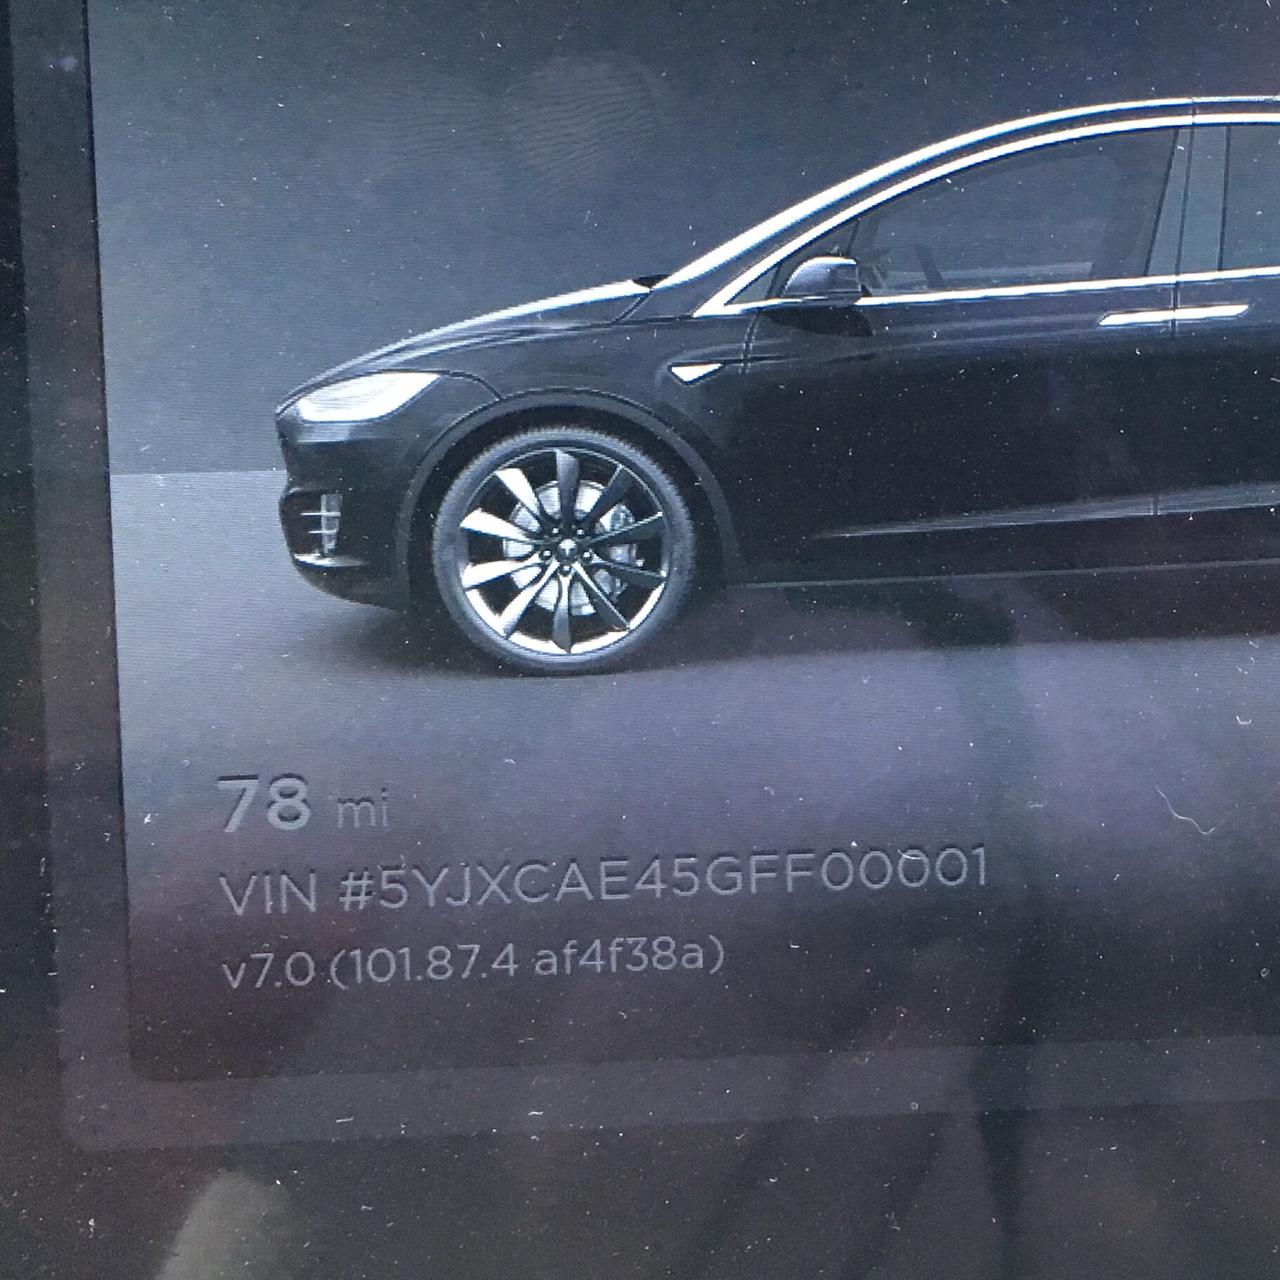 Elons-X.JPG